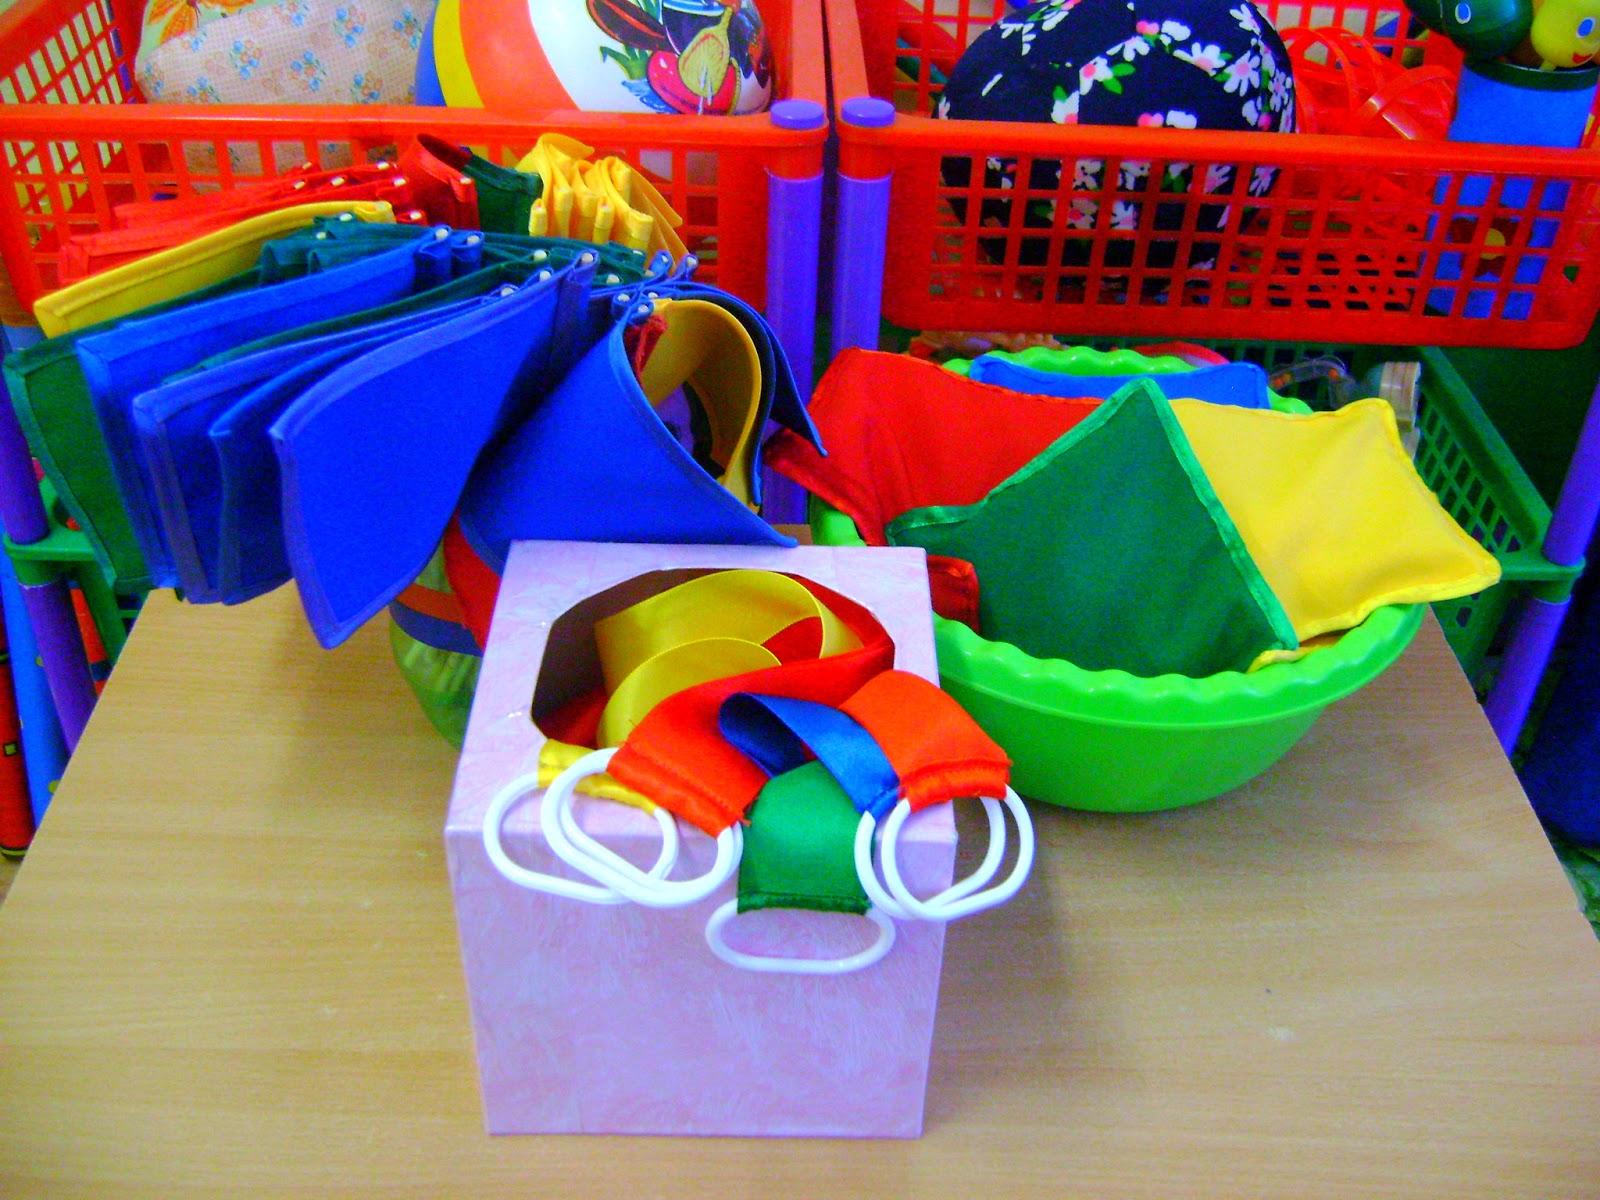 Фото физкультурного оборудования своими руками в детском саду фото 228